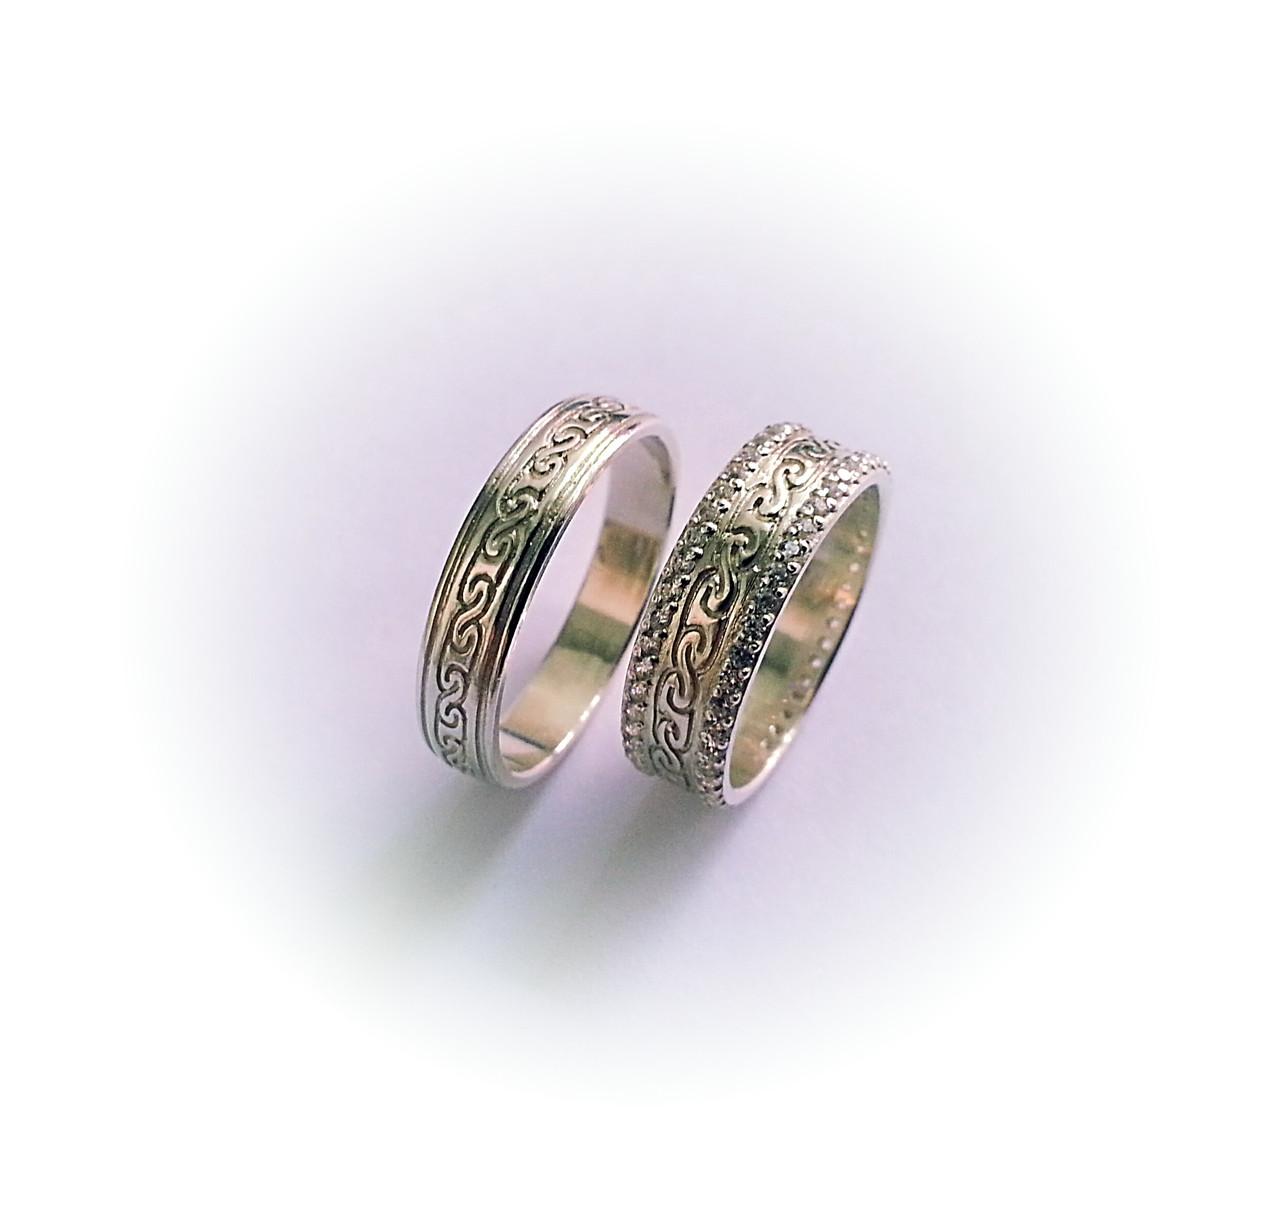 0daf8b2317ad Классические серебряные обручальные кольца - Jewerly Company OBEREG в  Харькове